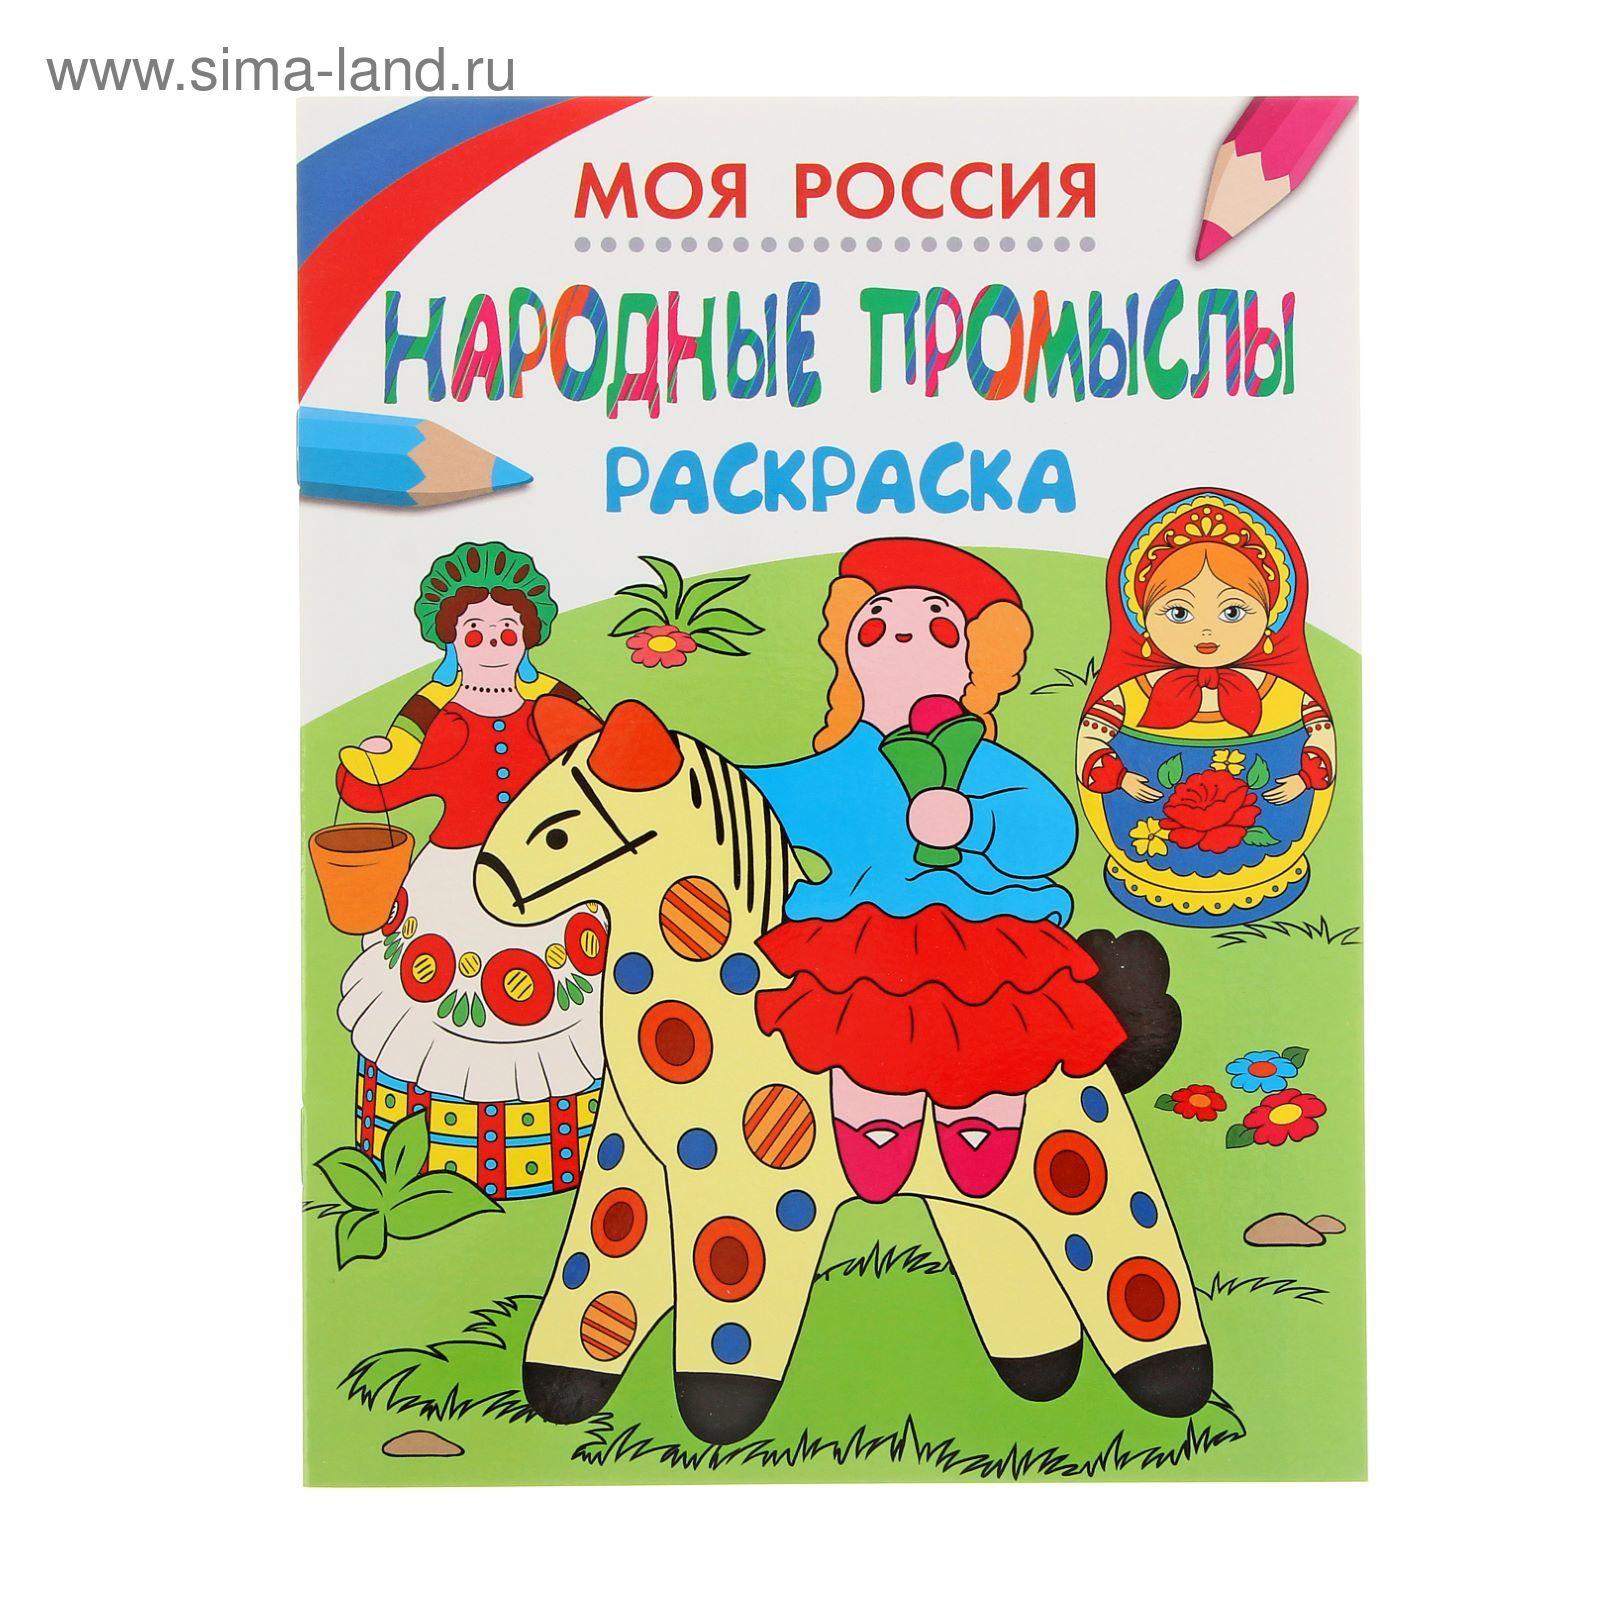 моя россия раскраски народные промыслы 1321107